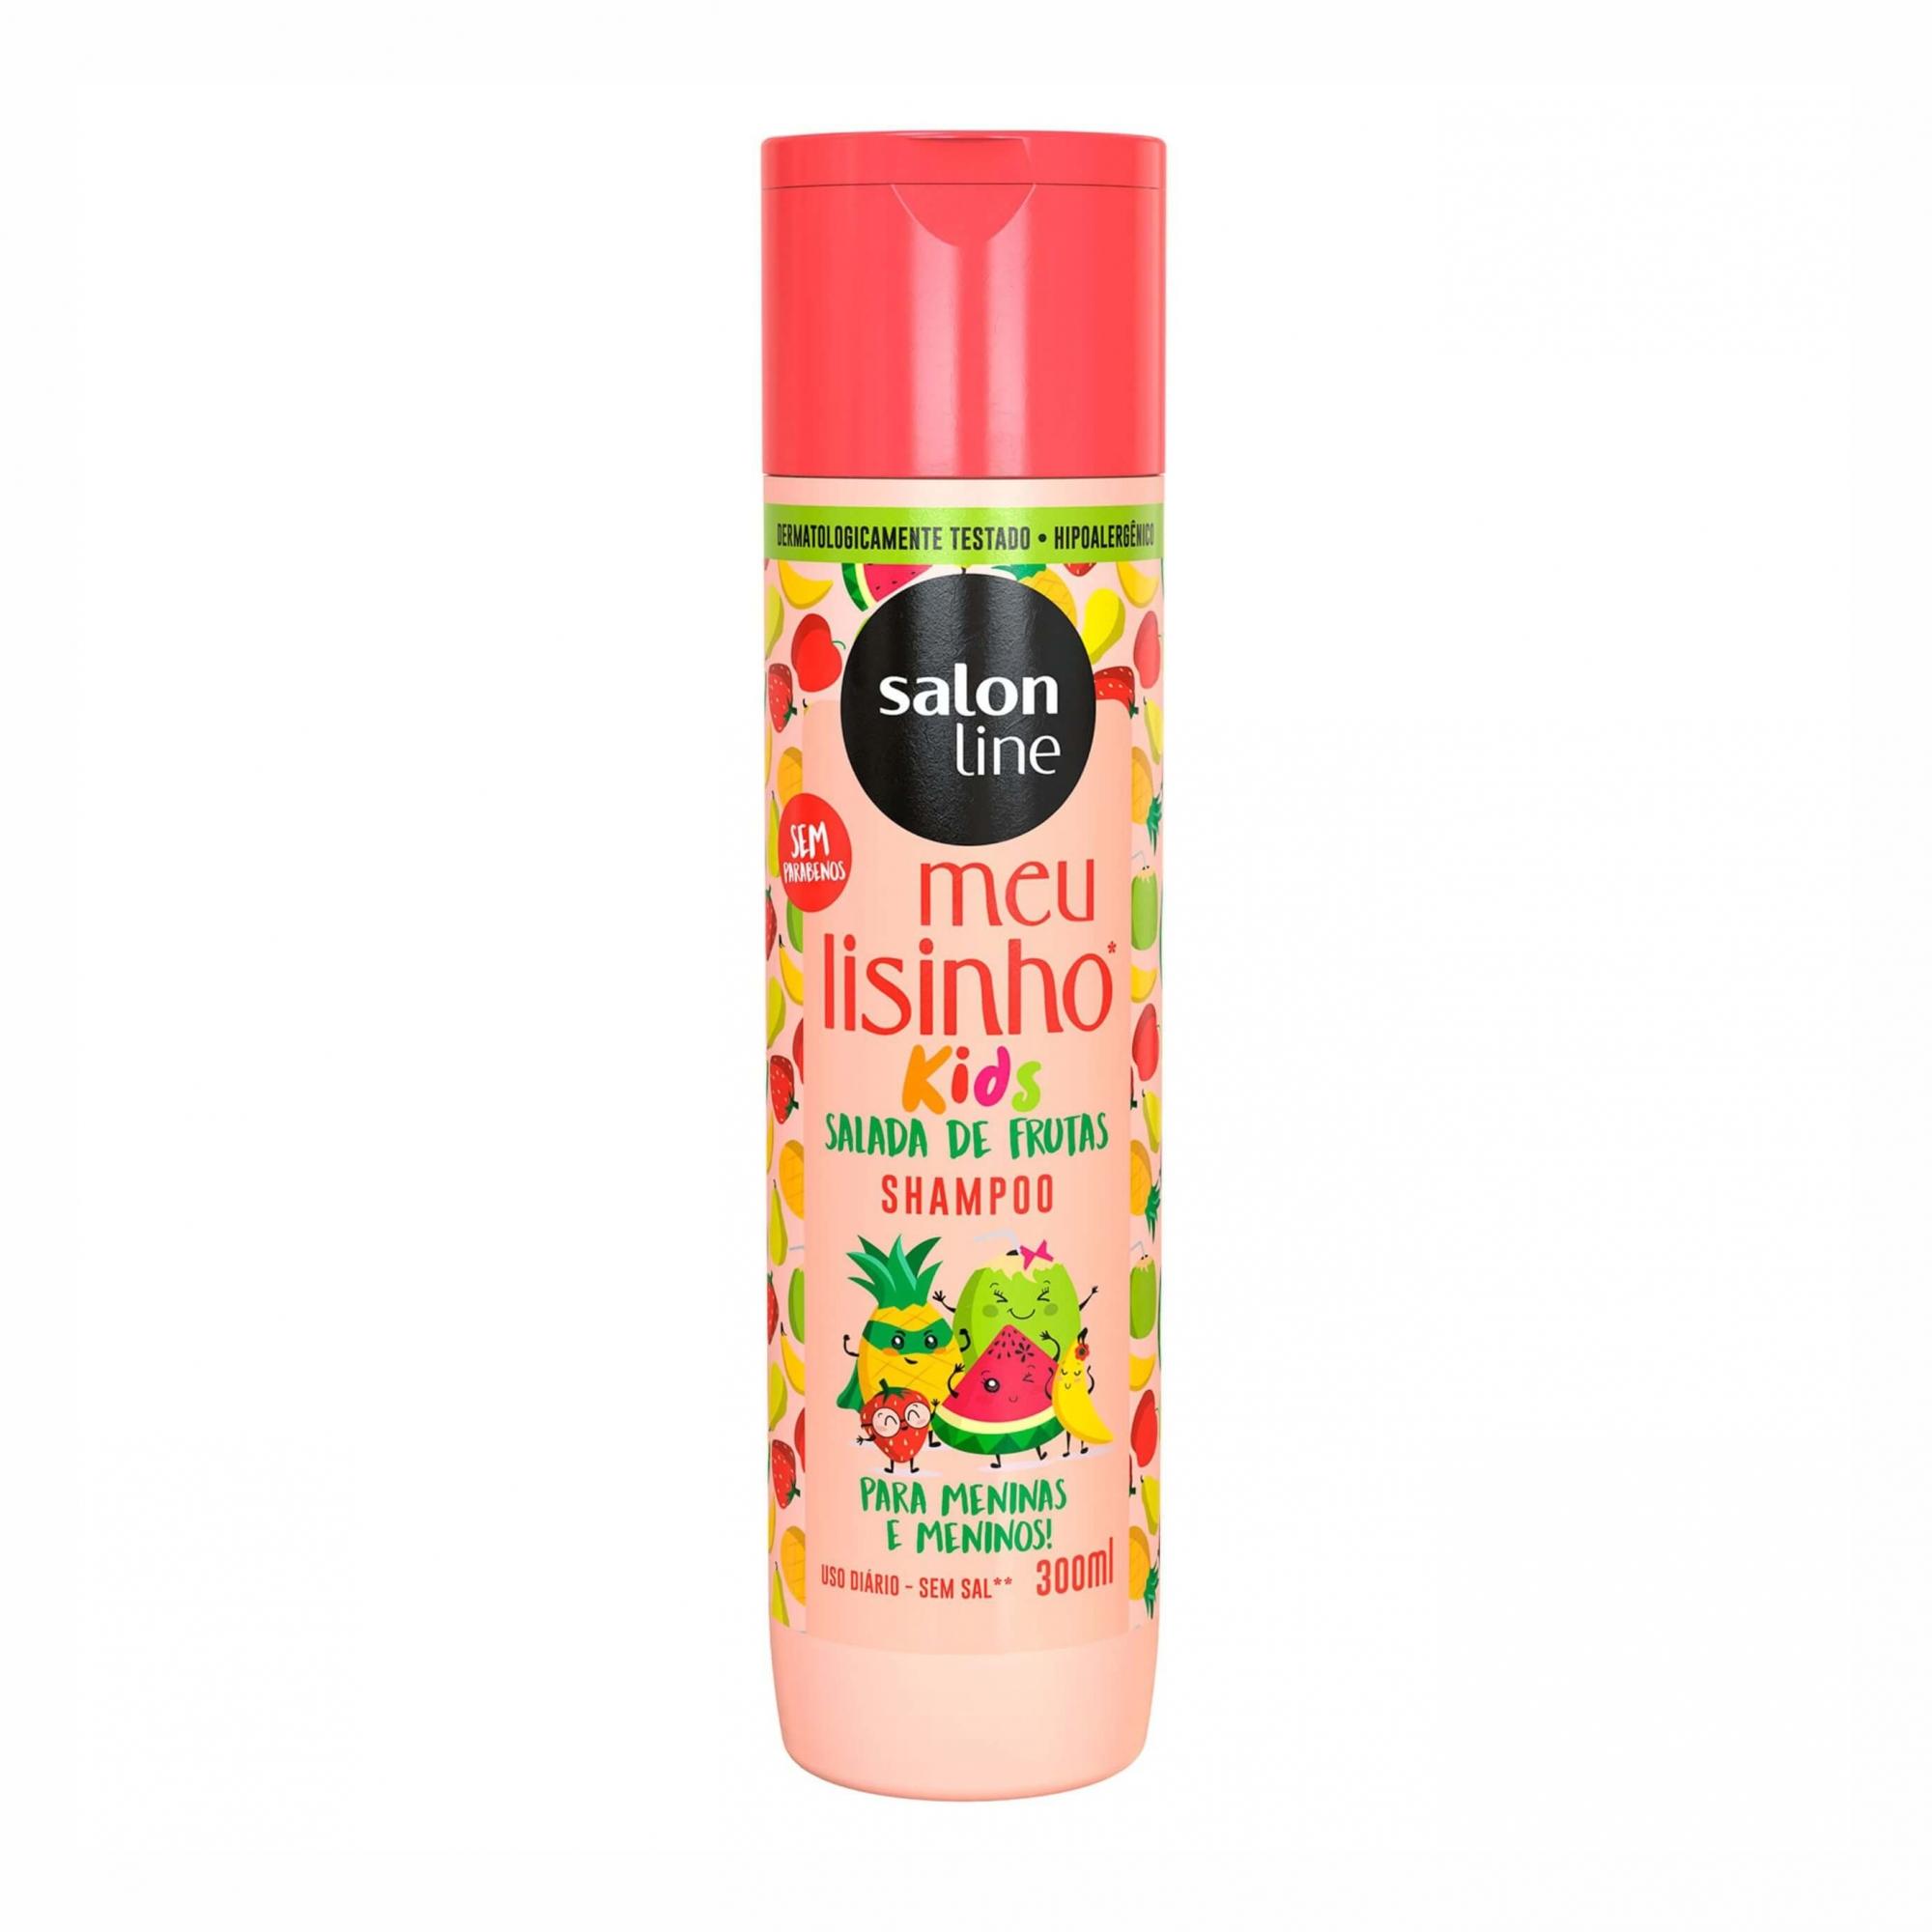 Shampoo Infantil Meu Lisinho Salada de Frutas - Salon Line 300ml